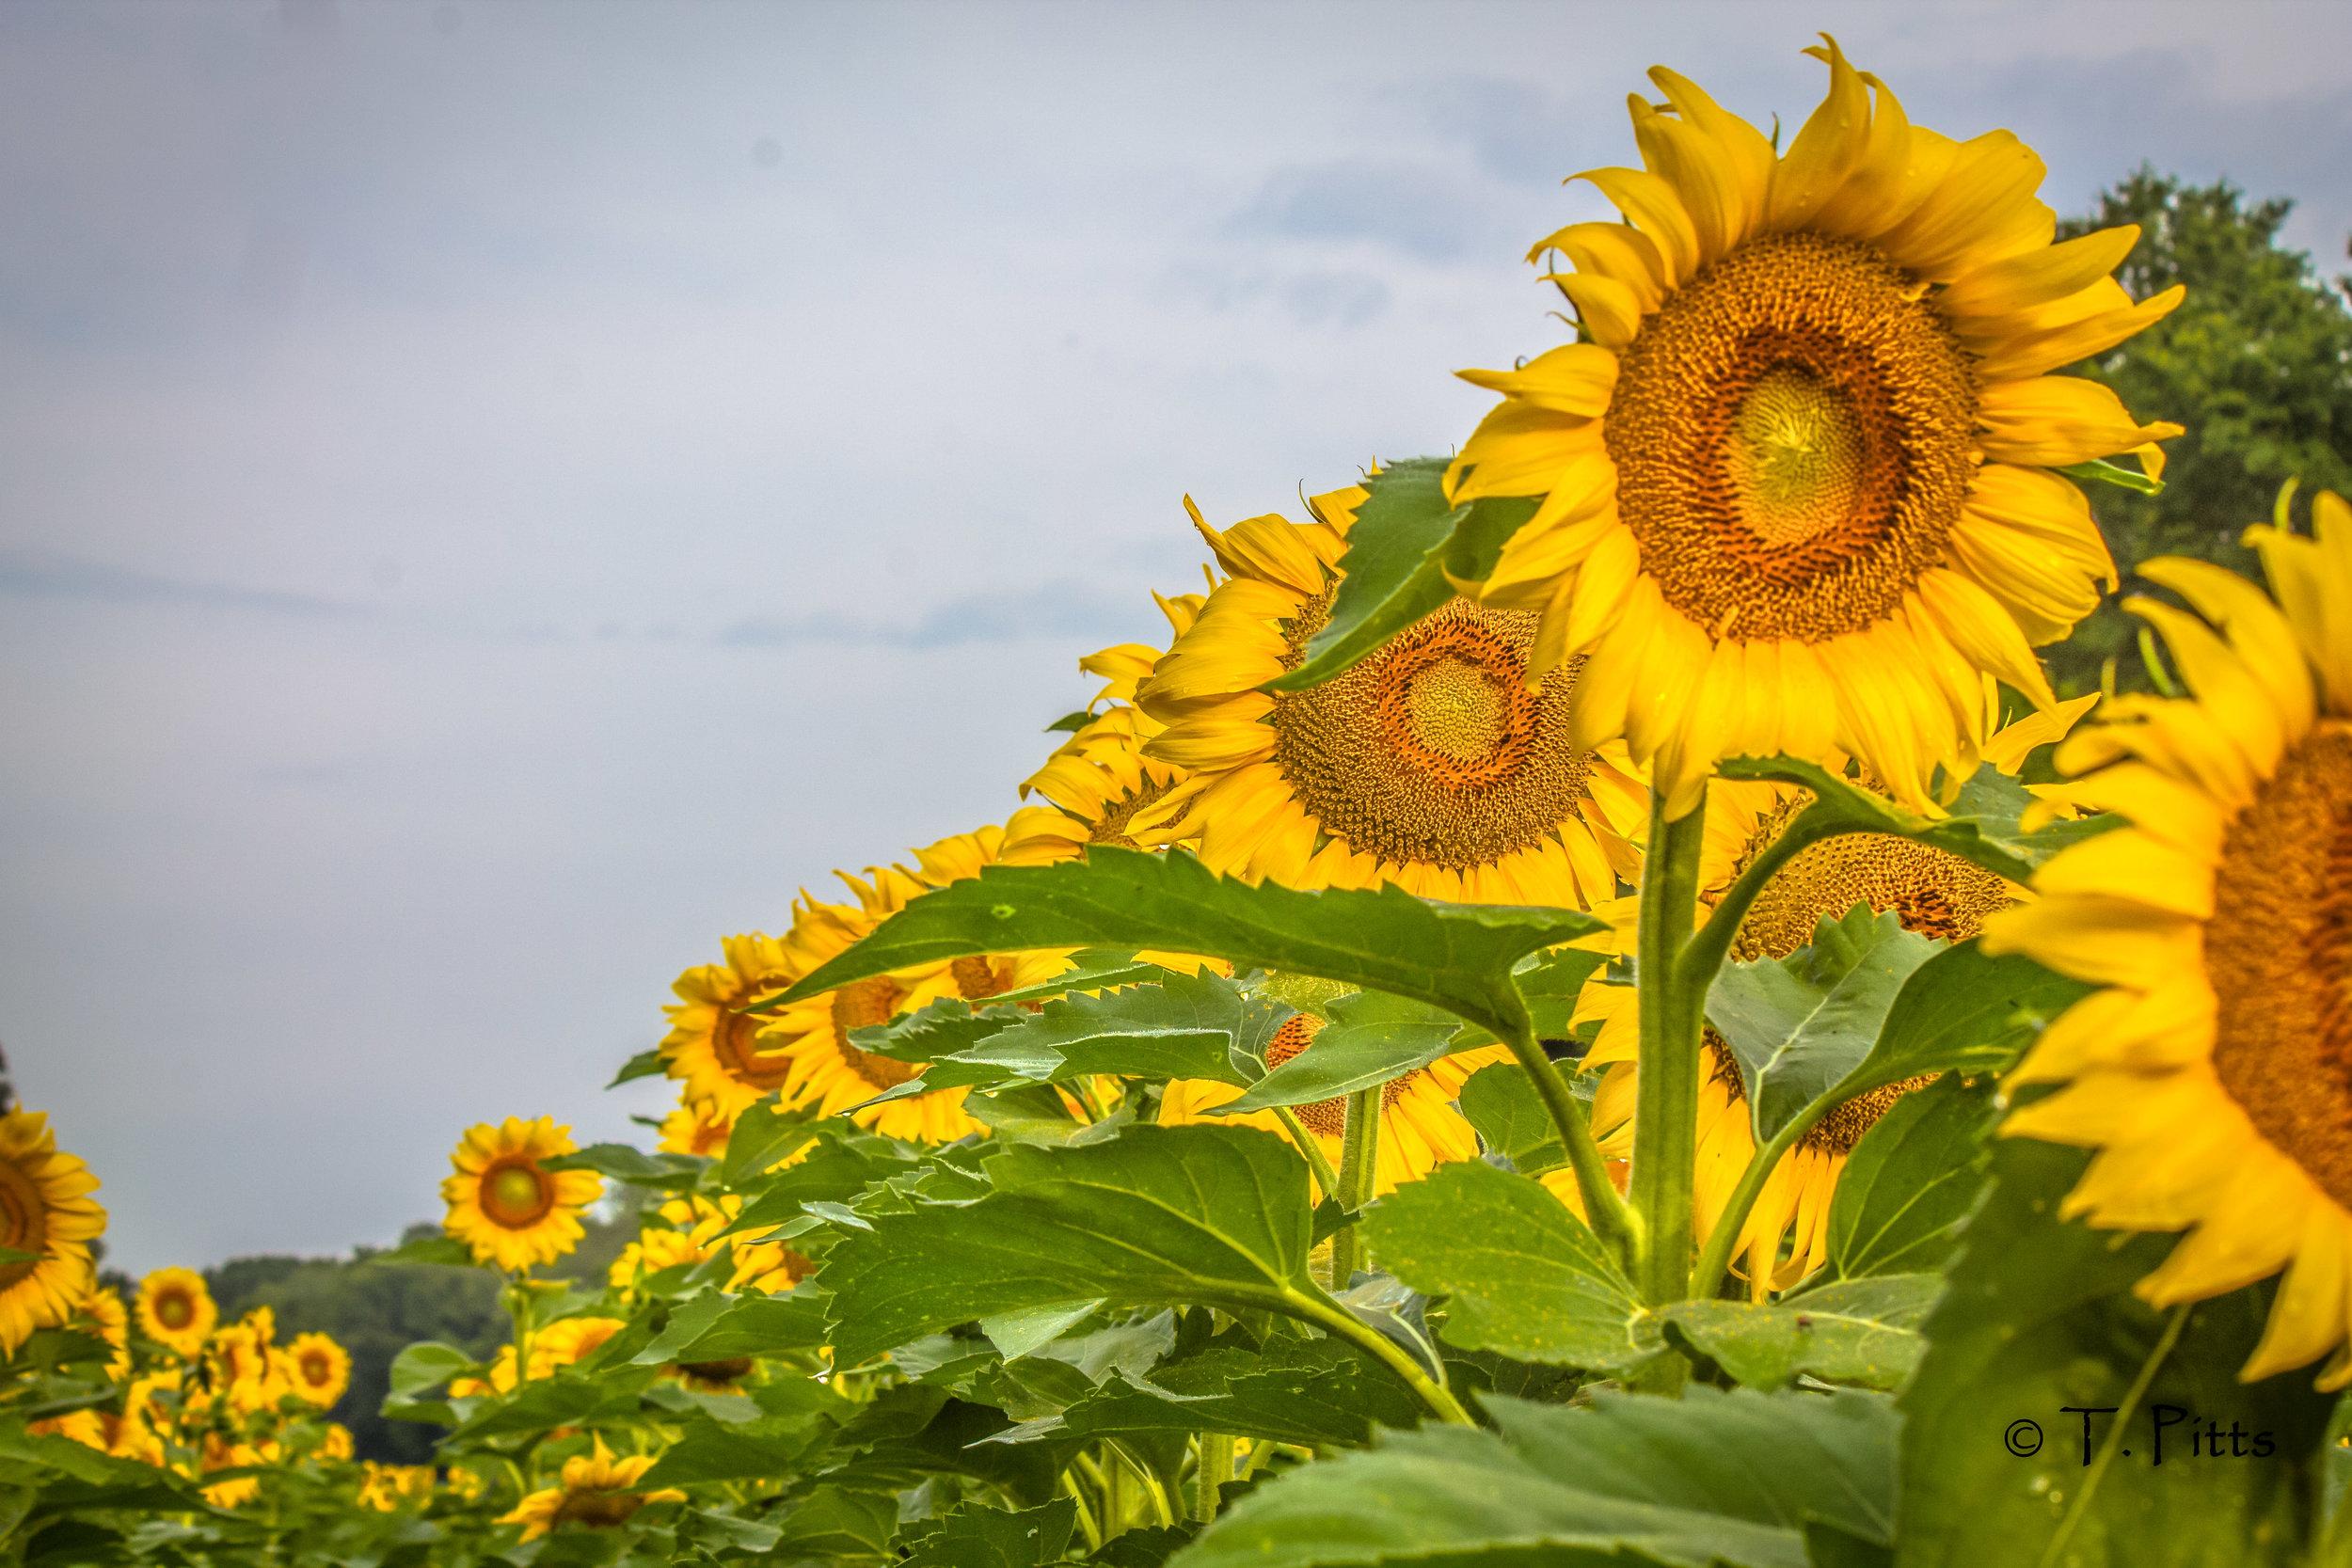 sunflower Pitts.jpg